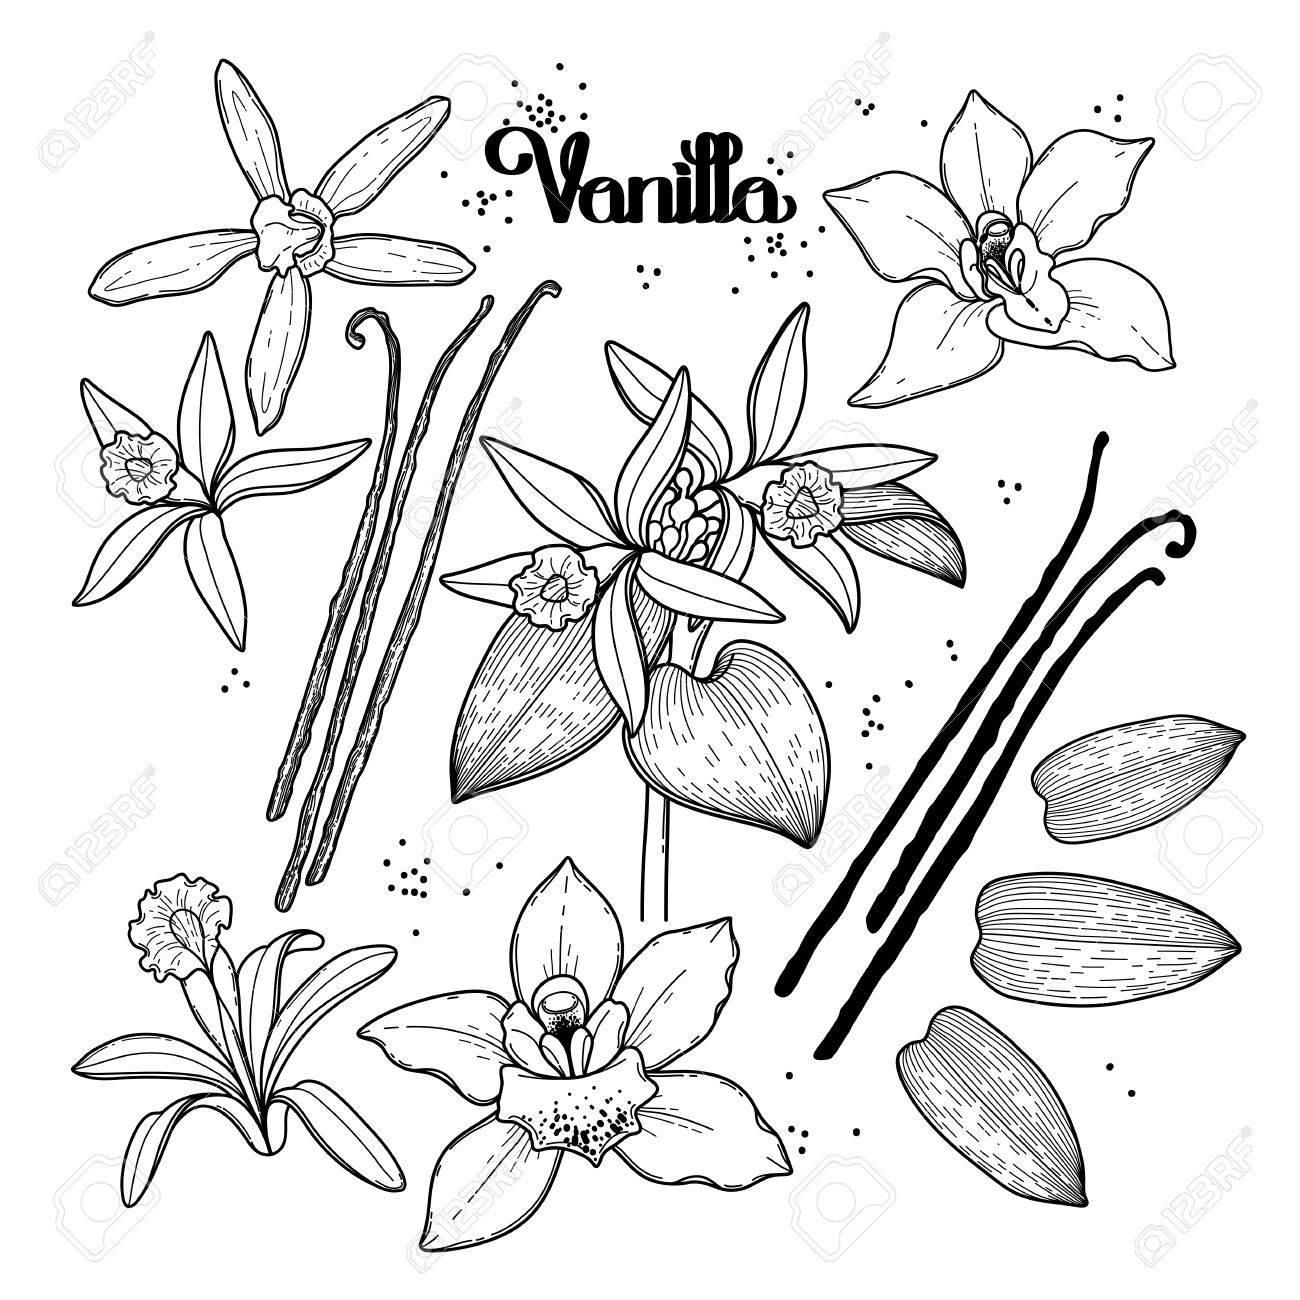 Graphic Collection De Fleurs De Vanille Isolé Sur Fond Blanc Vector Design Floral éléments Page De Livre De Coloriage Design Pour Les Adultes Et Les